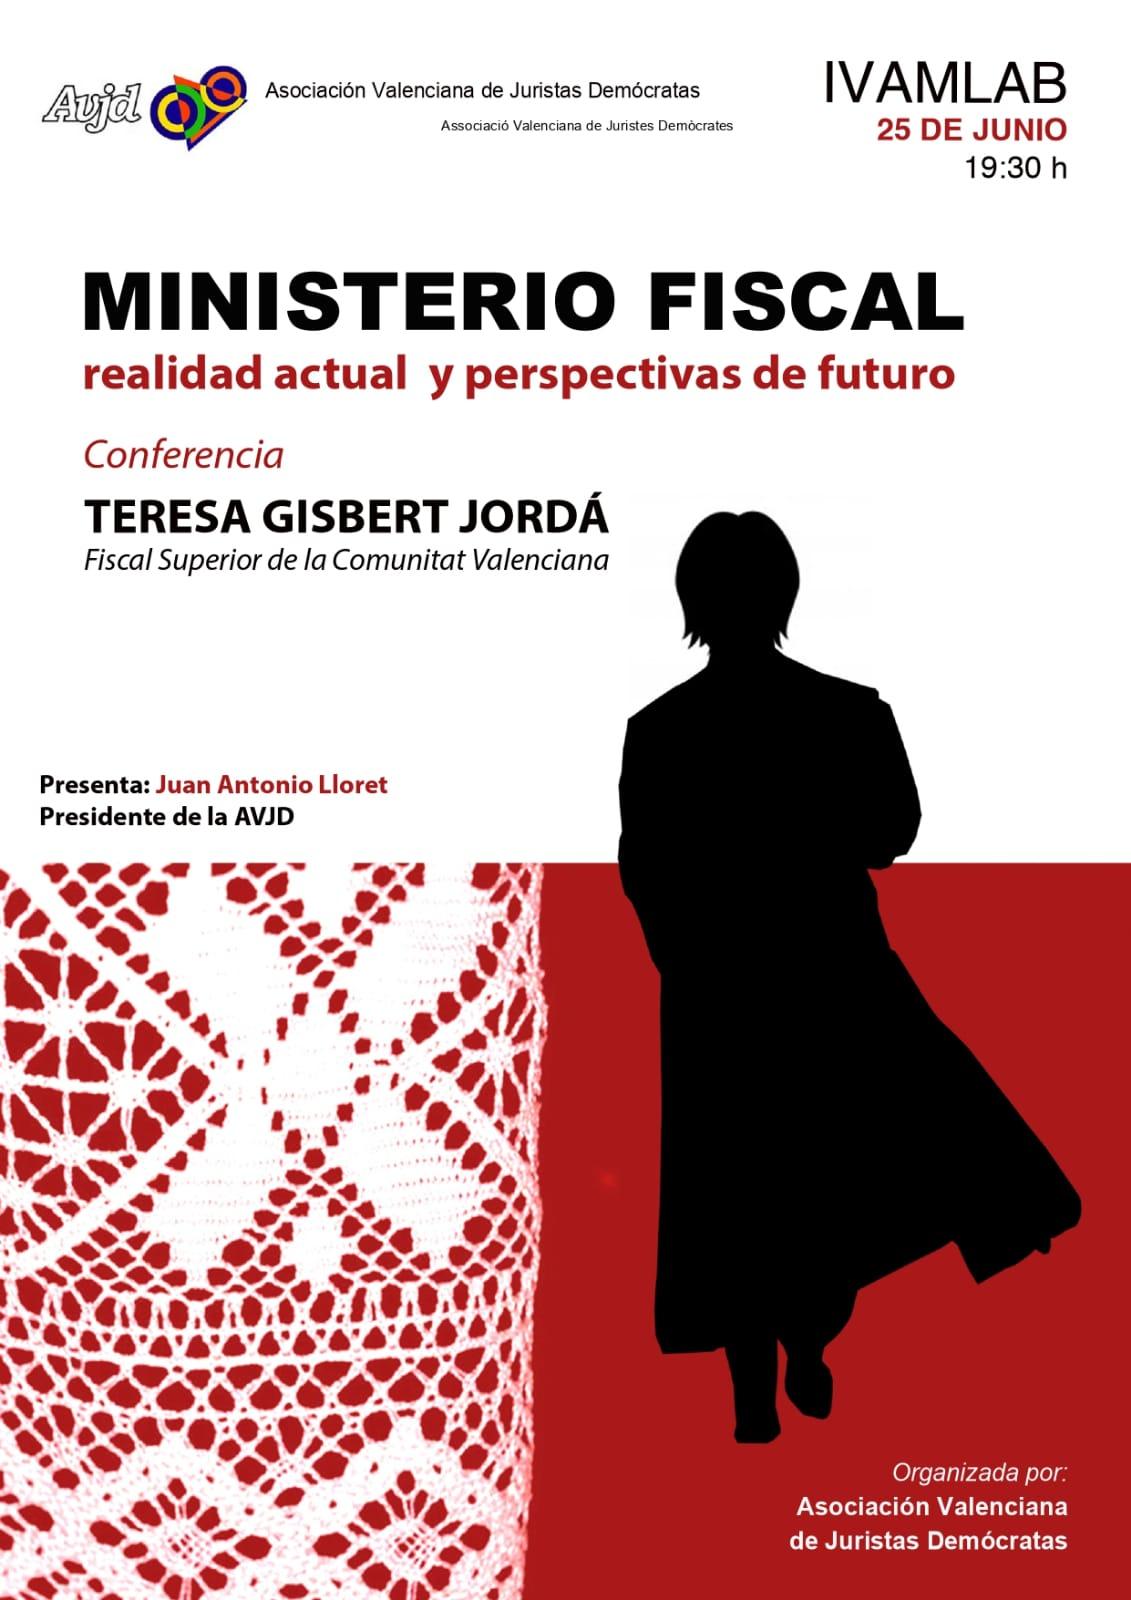 El Ministerio Fiscal. Realidad actual y perspectivas de futuro